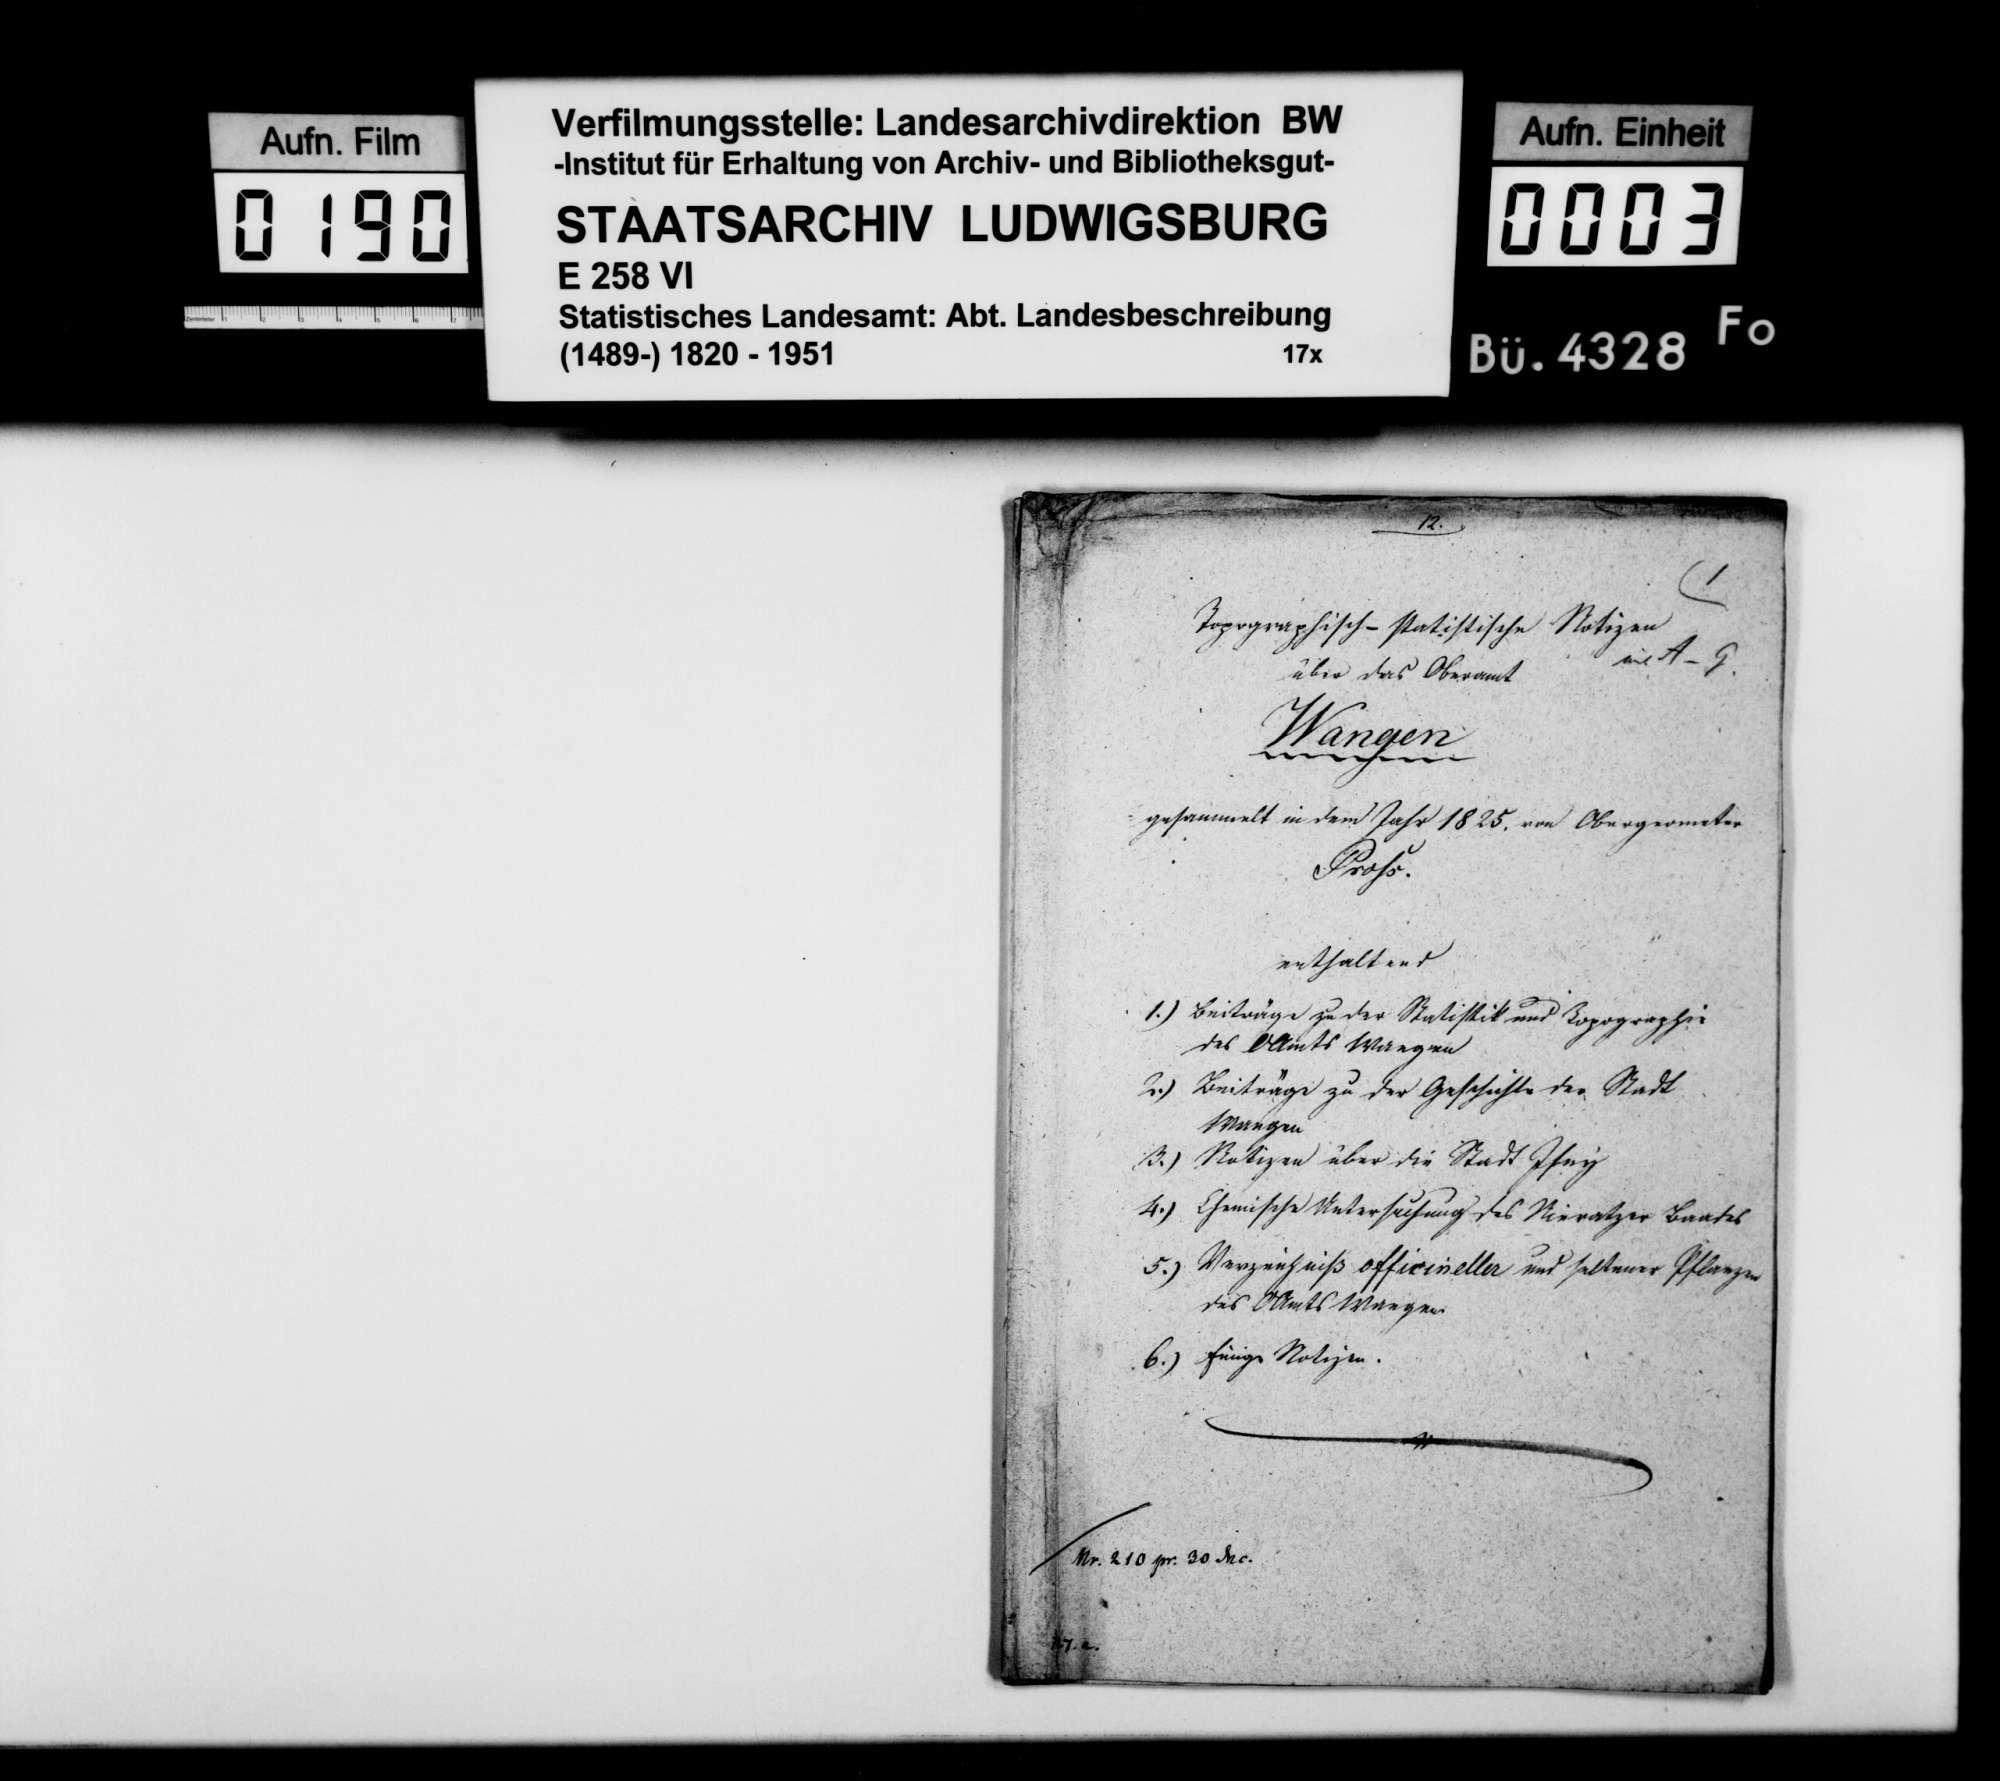 Beiträge des Obergeometers [Friedrich?] Pross zur Beschreibung des Oberamts, Bild 1